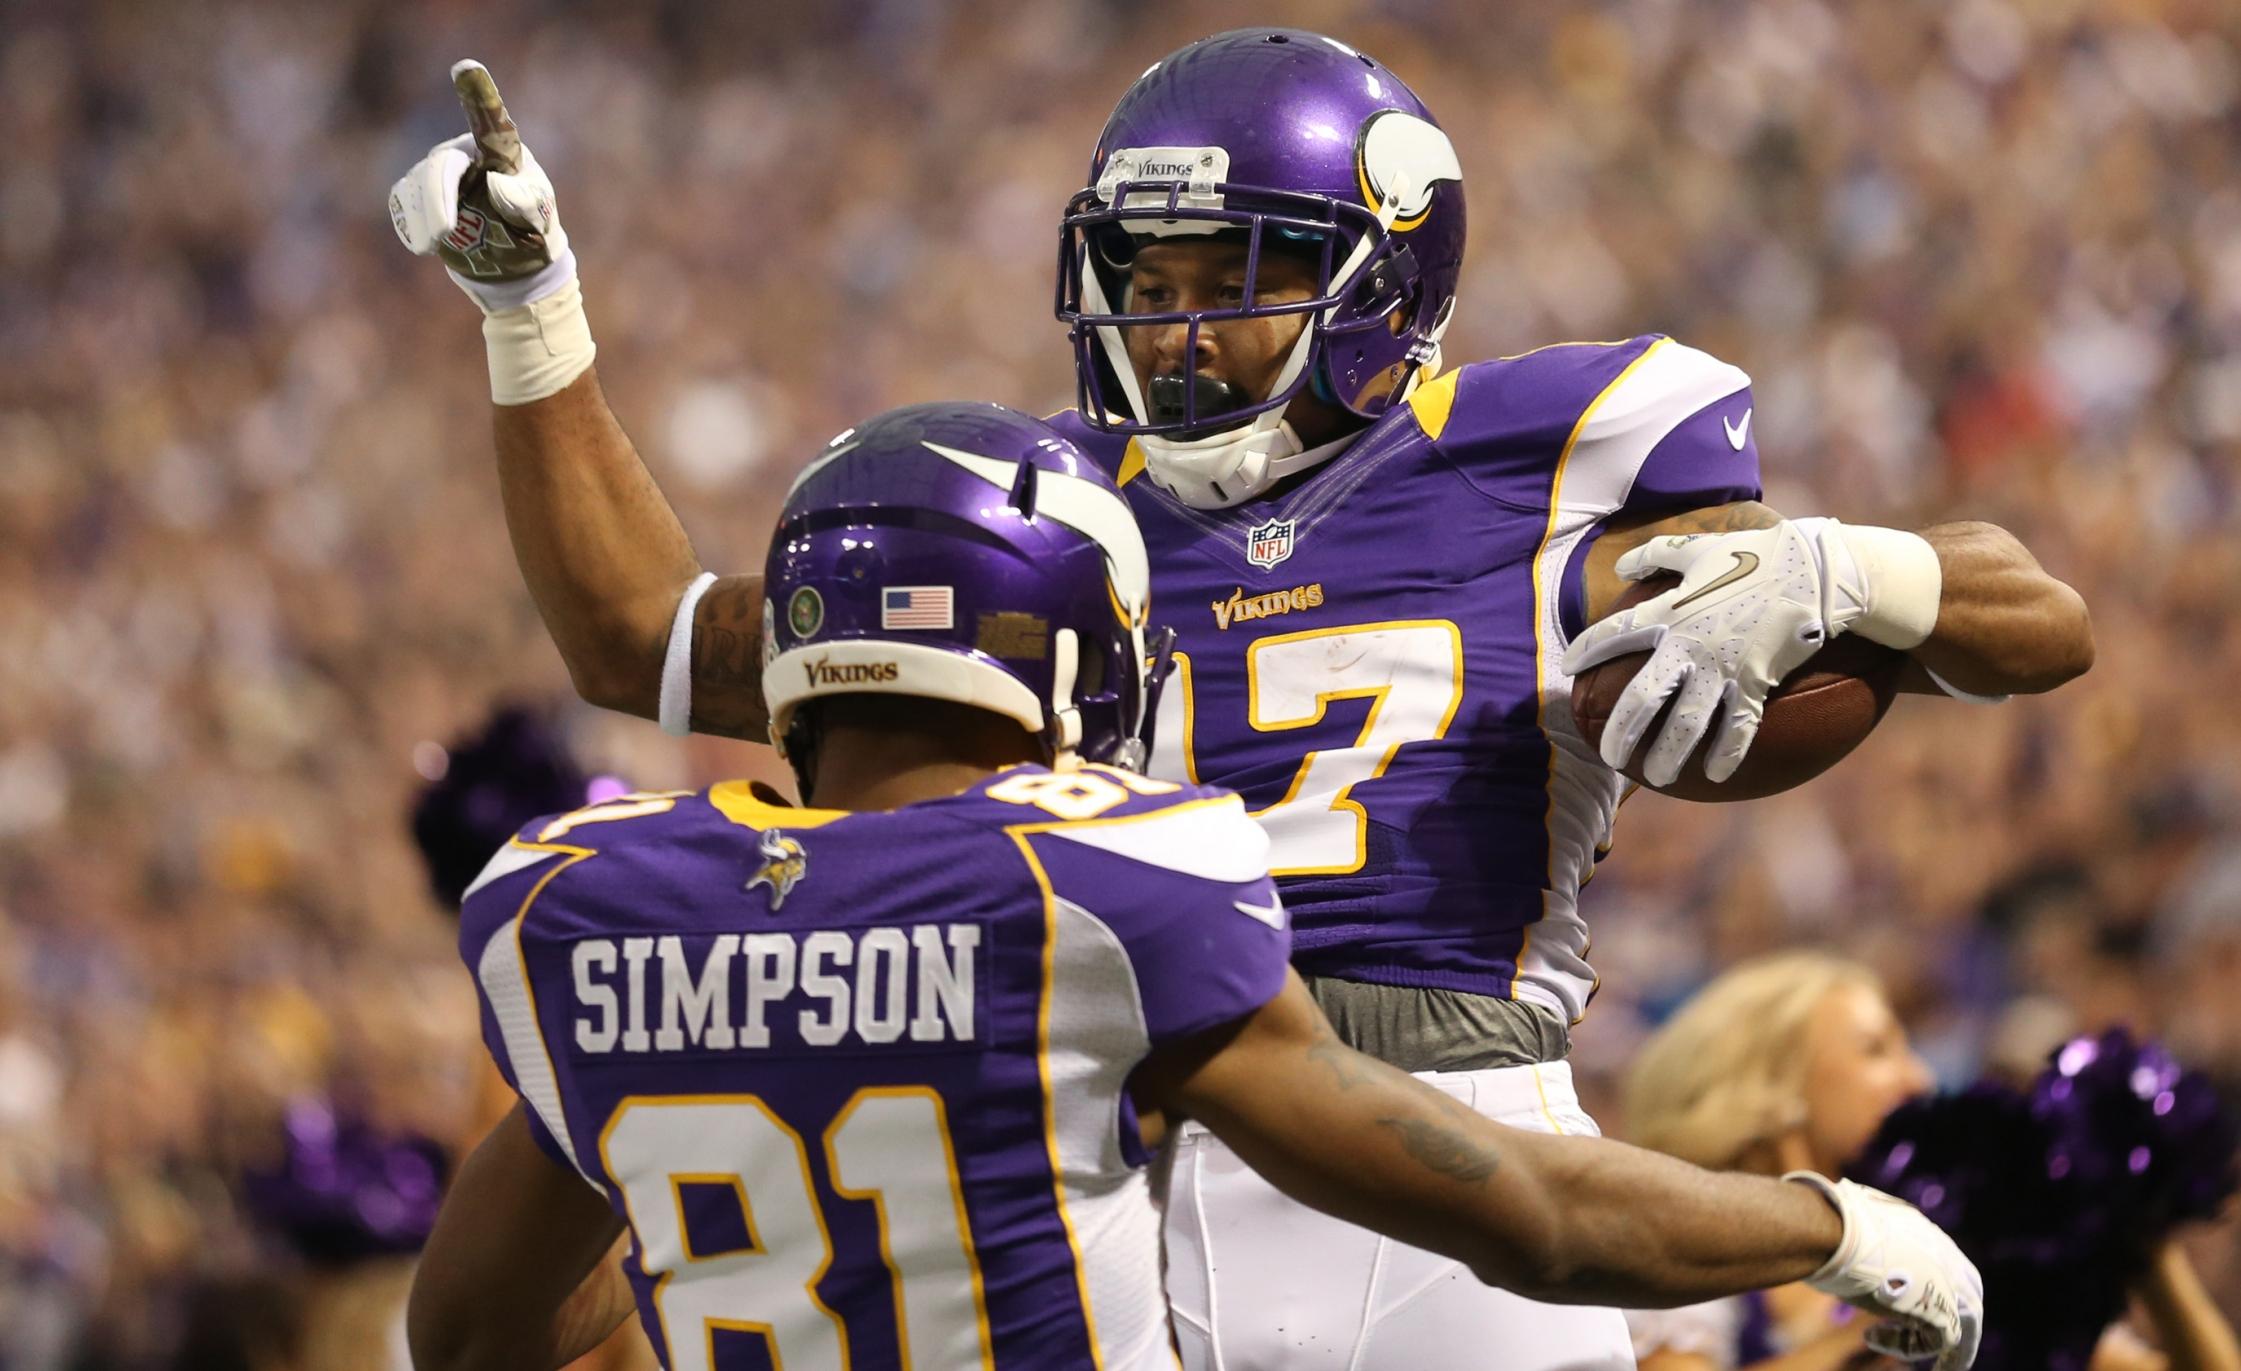 Nfl Football Vikings Minnesota Vikings Nfl Football